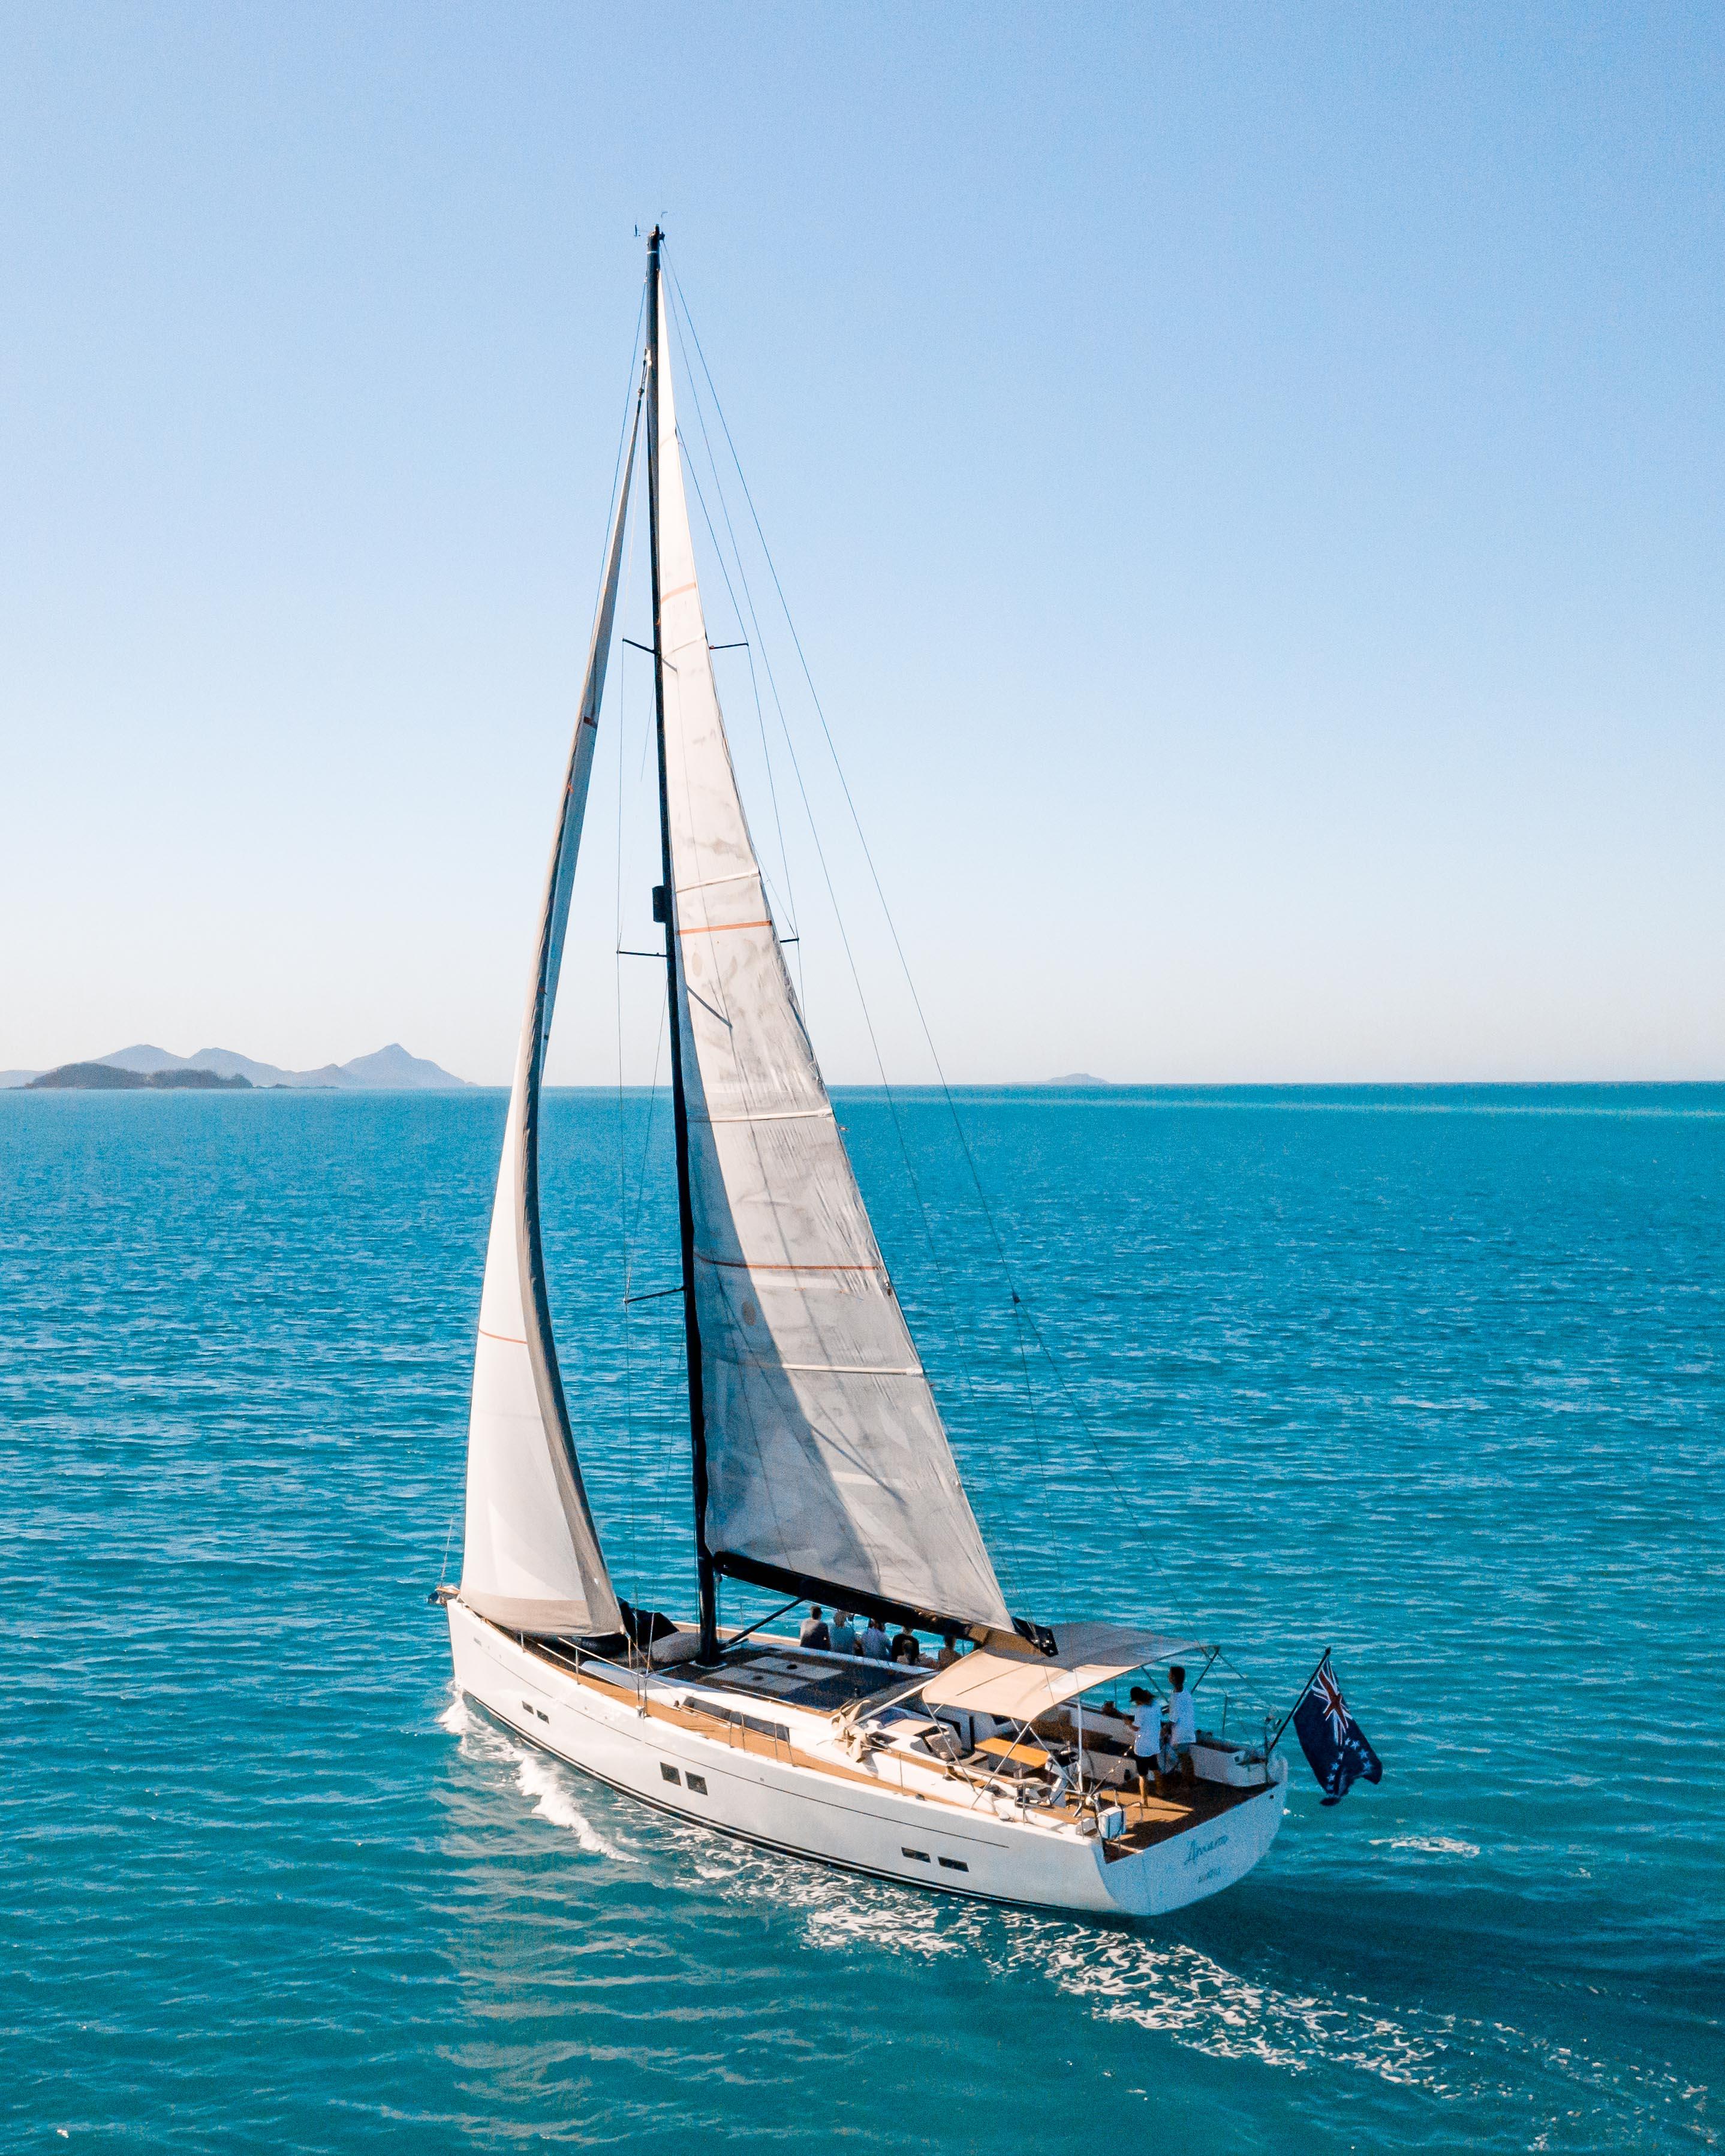 a luxury yacht against a blue sky